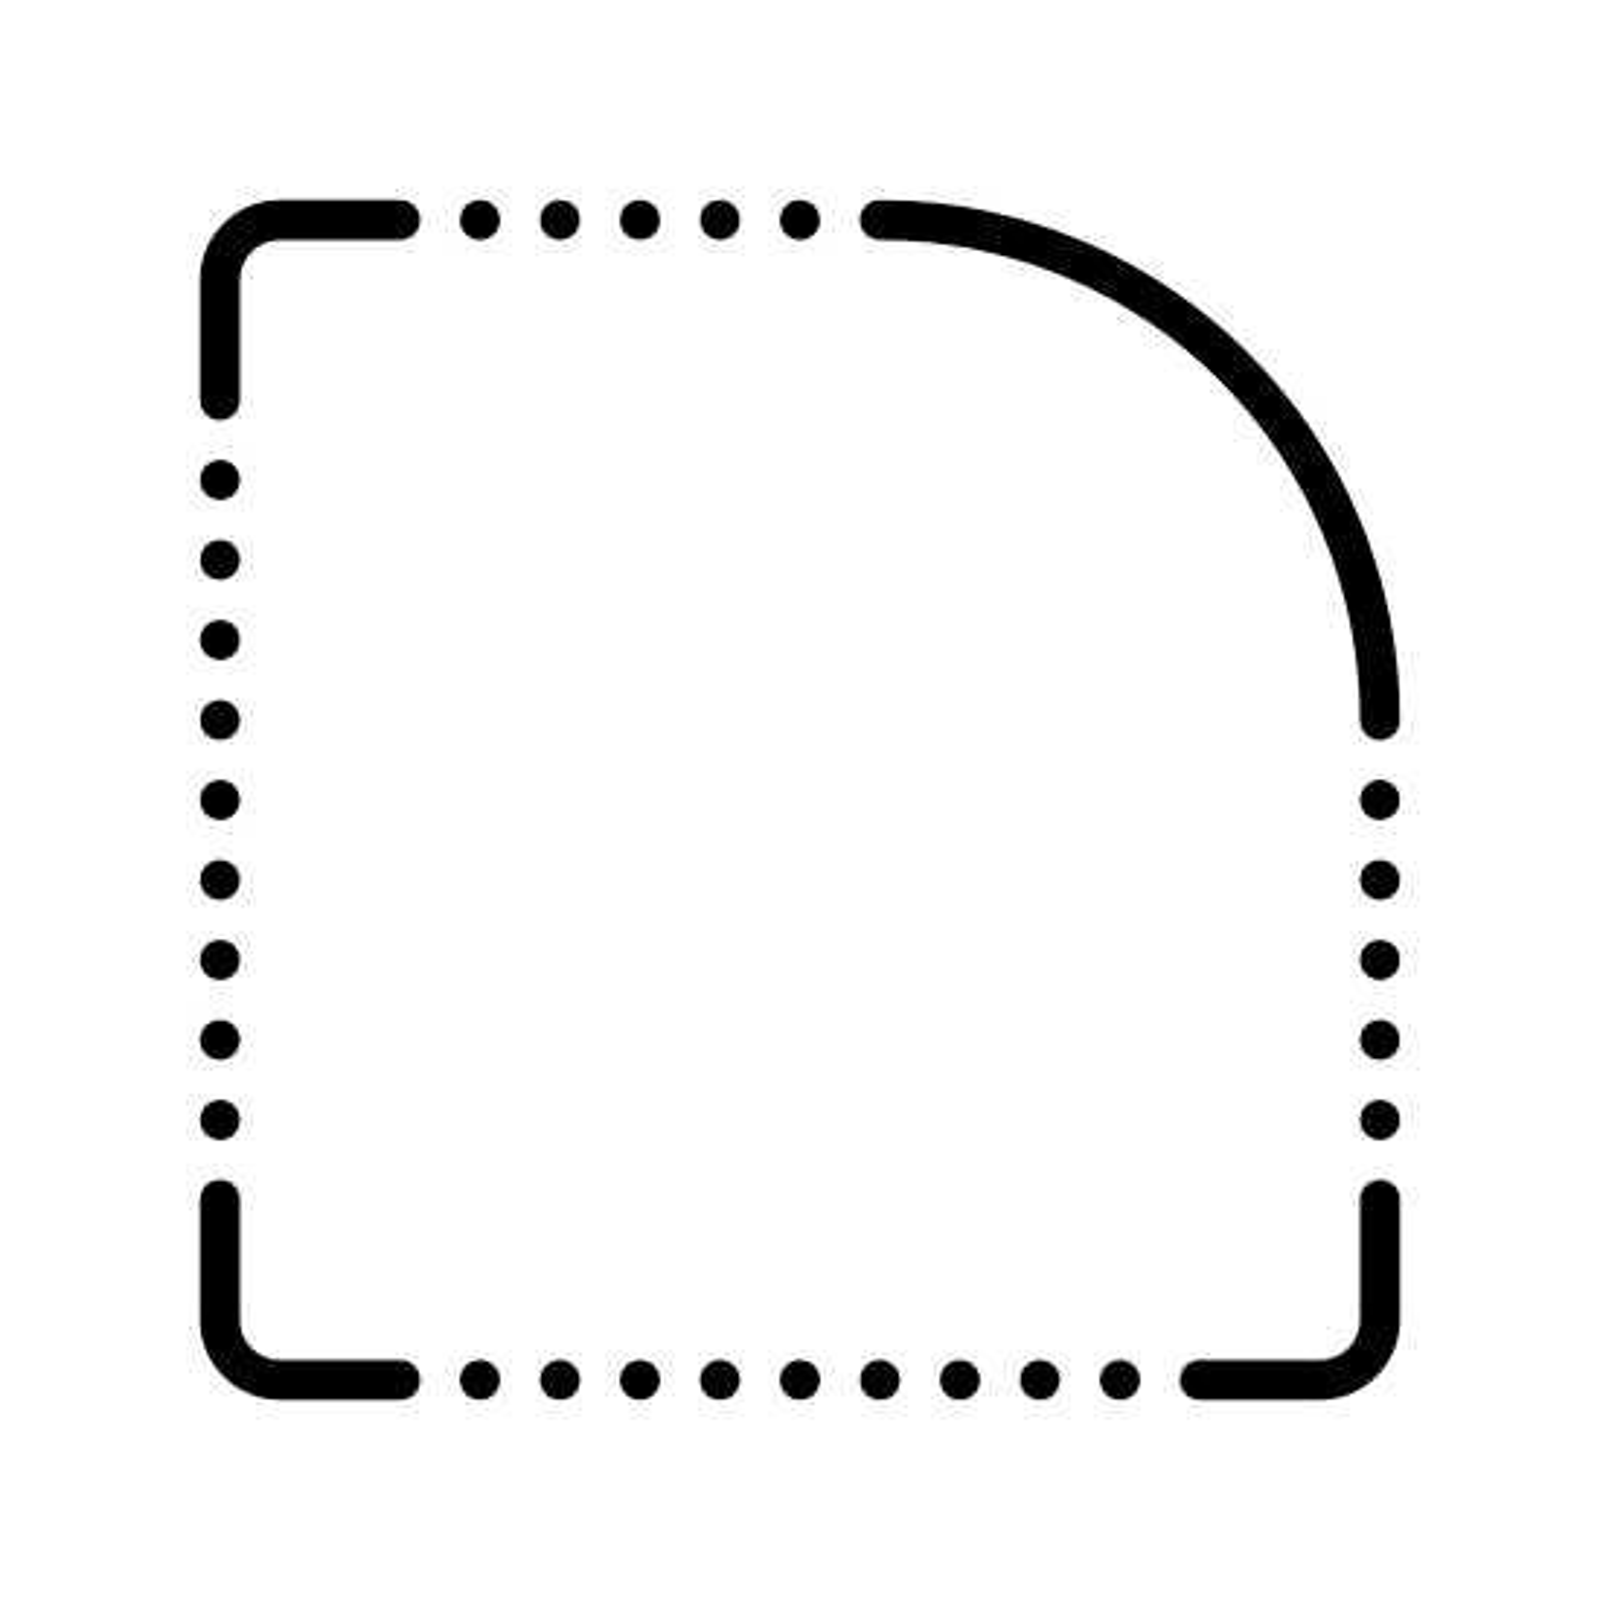 Rounded Corner icon